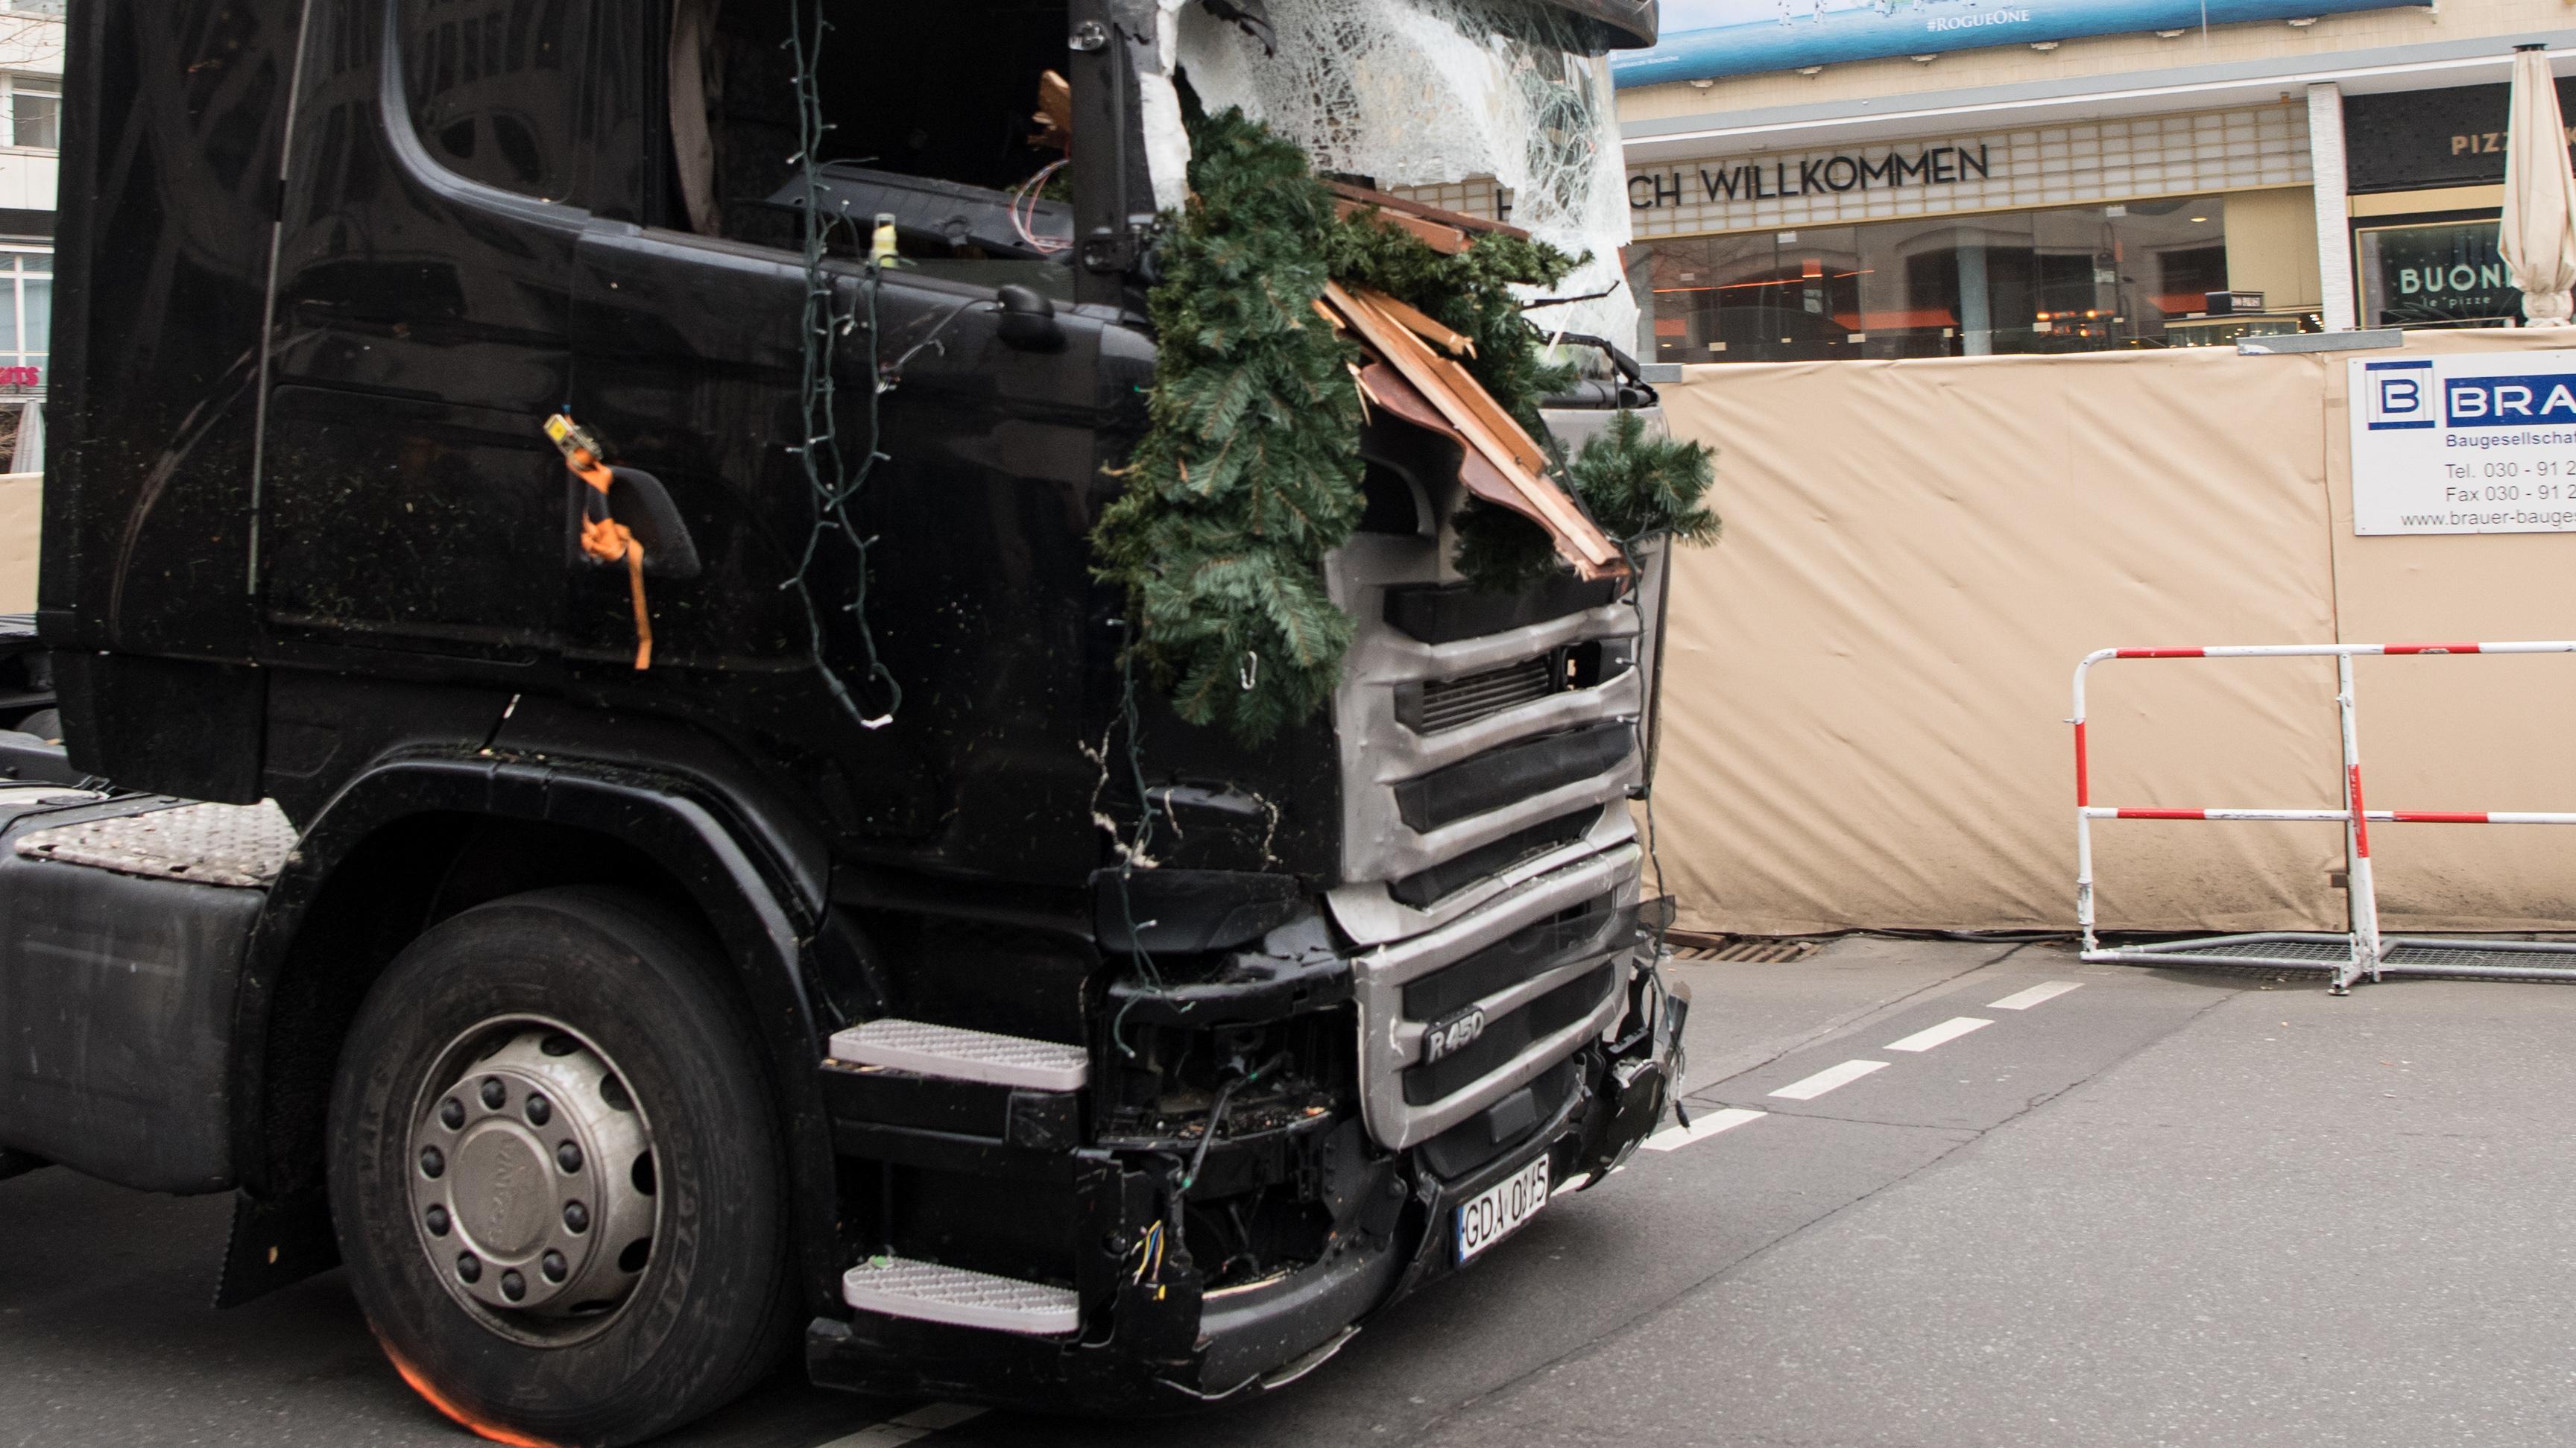 Amri-Lastwagen nach der Tat